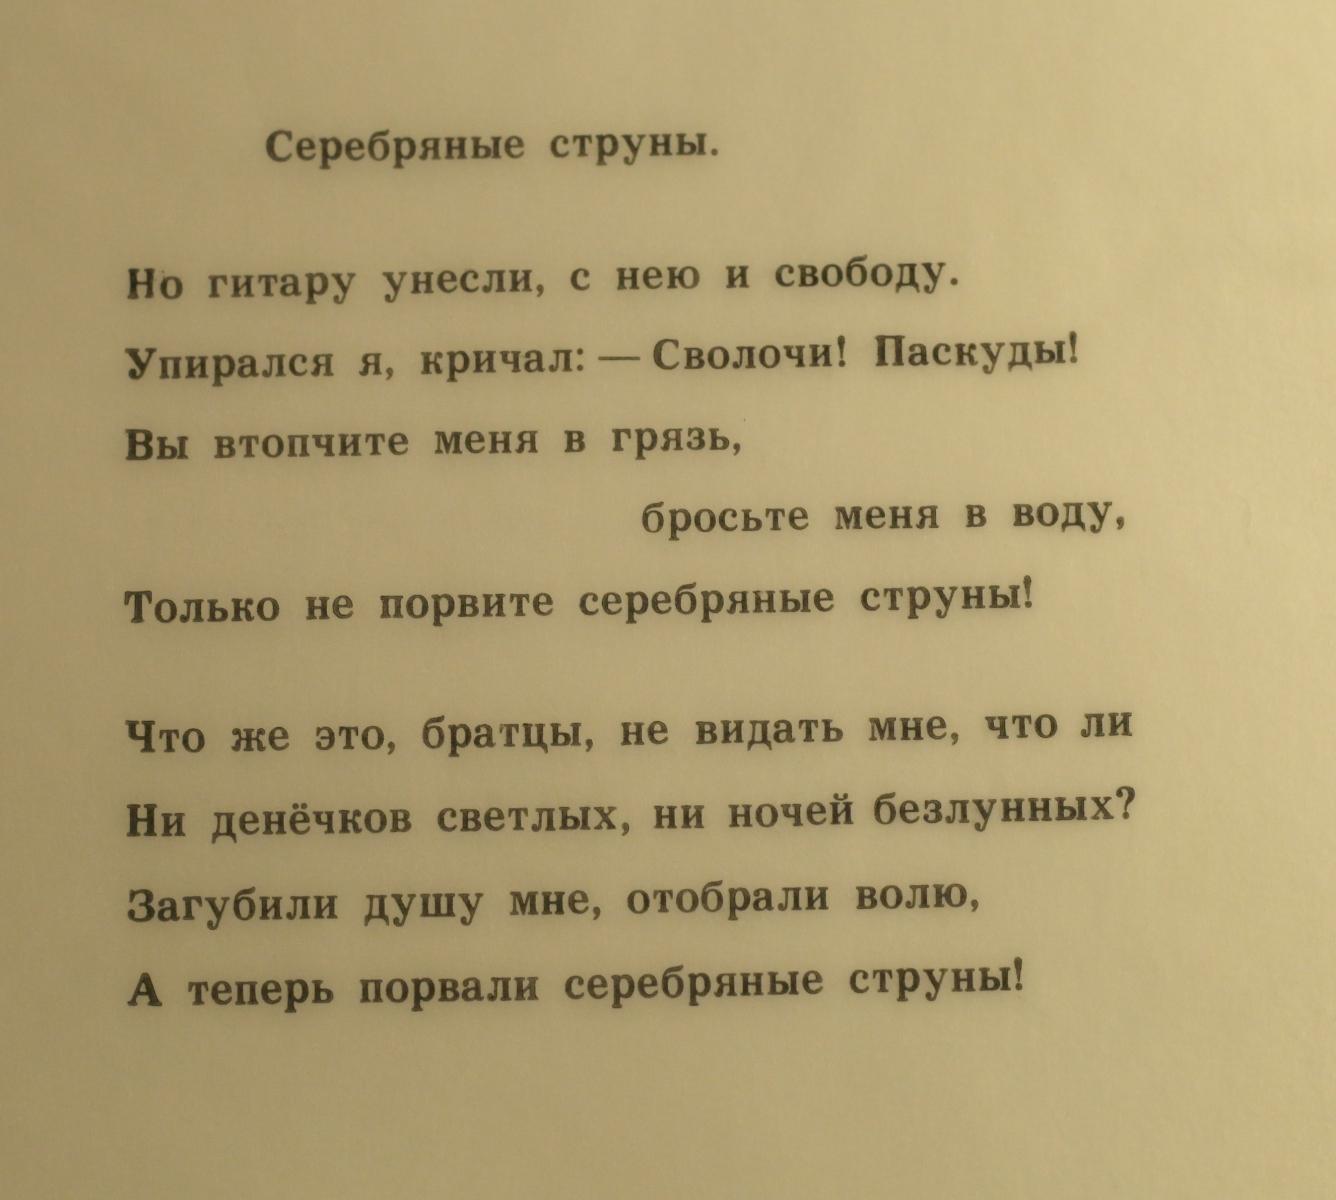 """Фрагмент песни Владимира Высоцкого """"Серебряные струны"""""""